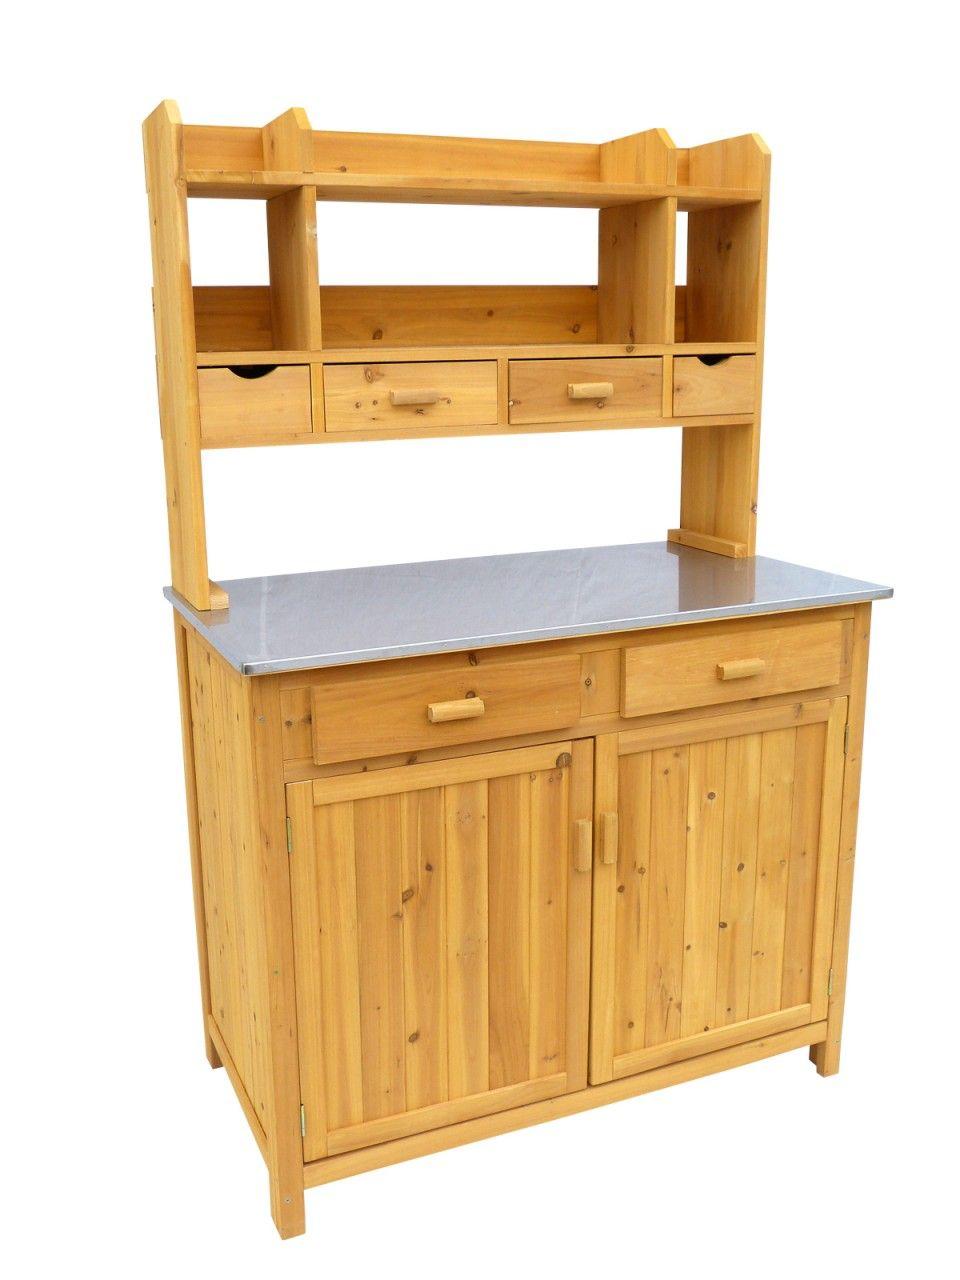 Outdoor Bbq Kitchen Prep Station And Storage With Stainless Steel Top Kitchen Prep Station Outdoor Bbq Kitchen Potting Bench